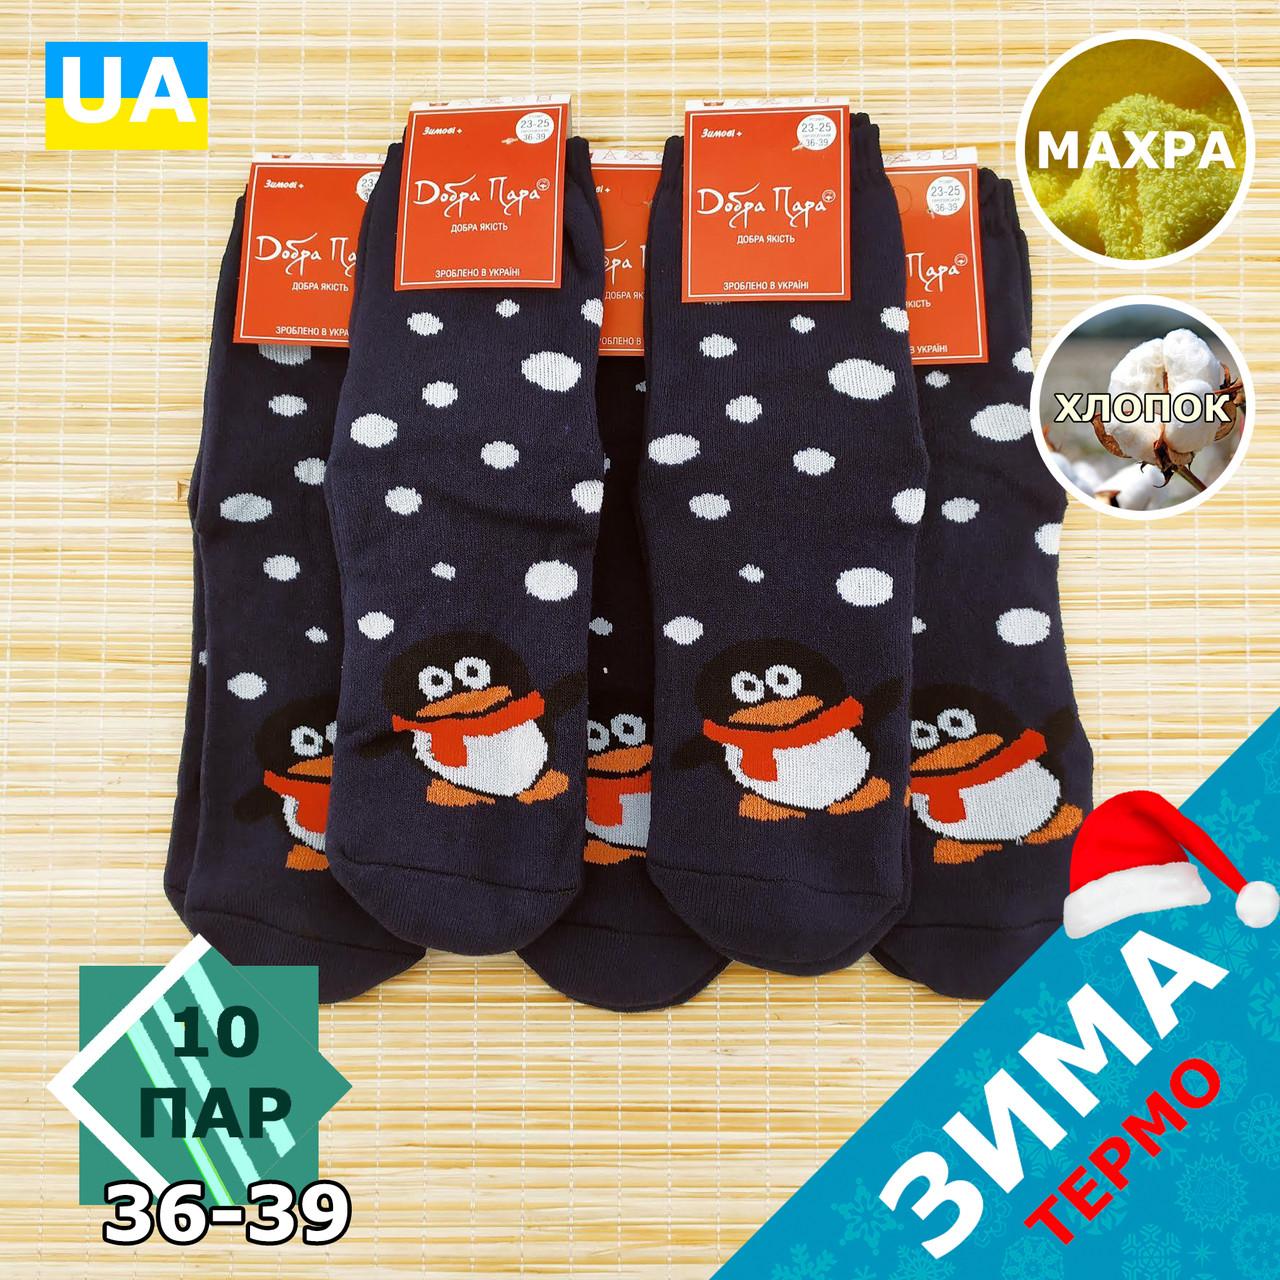 Носки женские махровые новогодние высокие Добра Пара 23-25р пингвин тёмно-синие 20039004